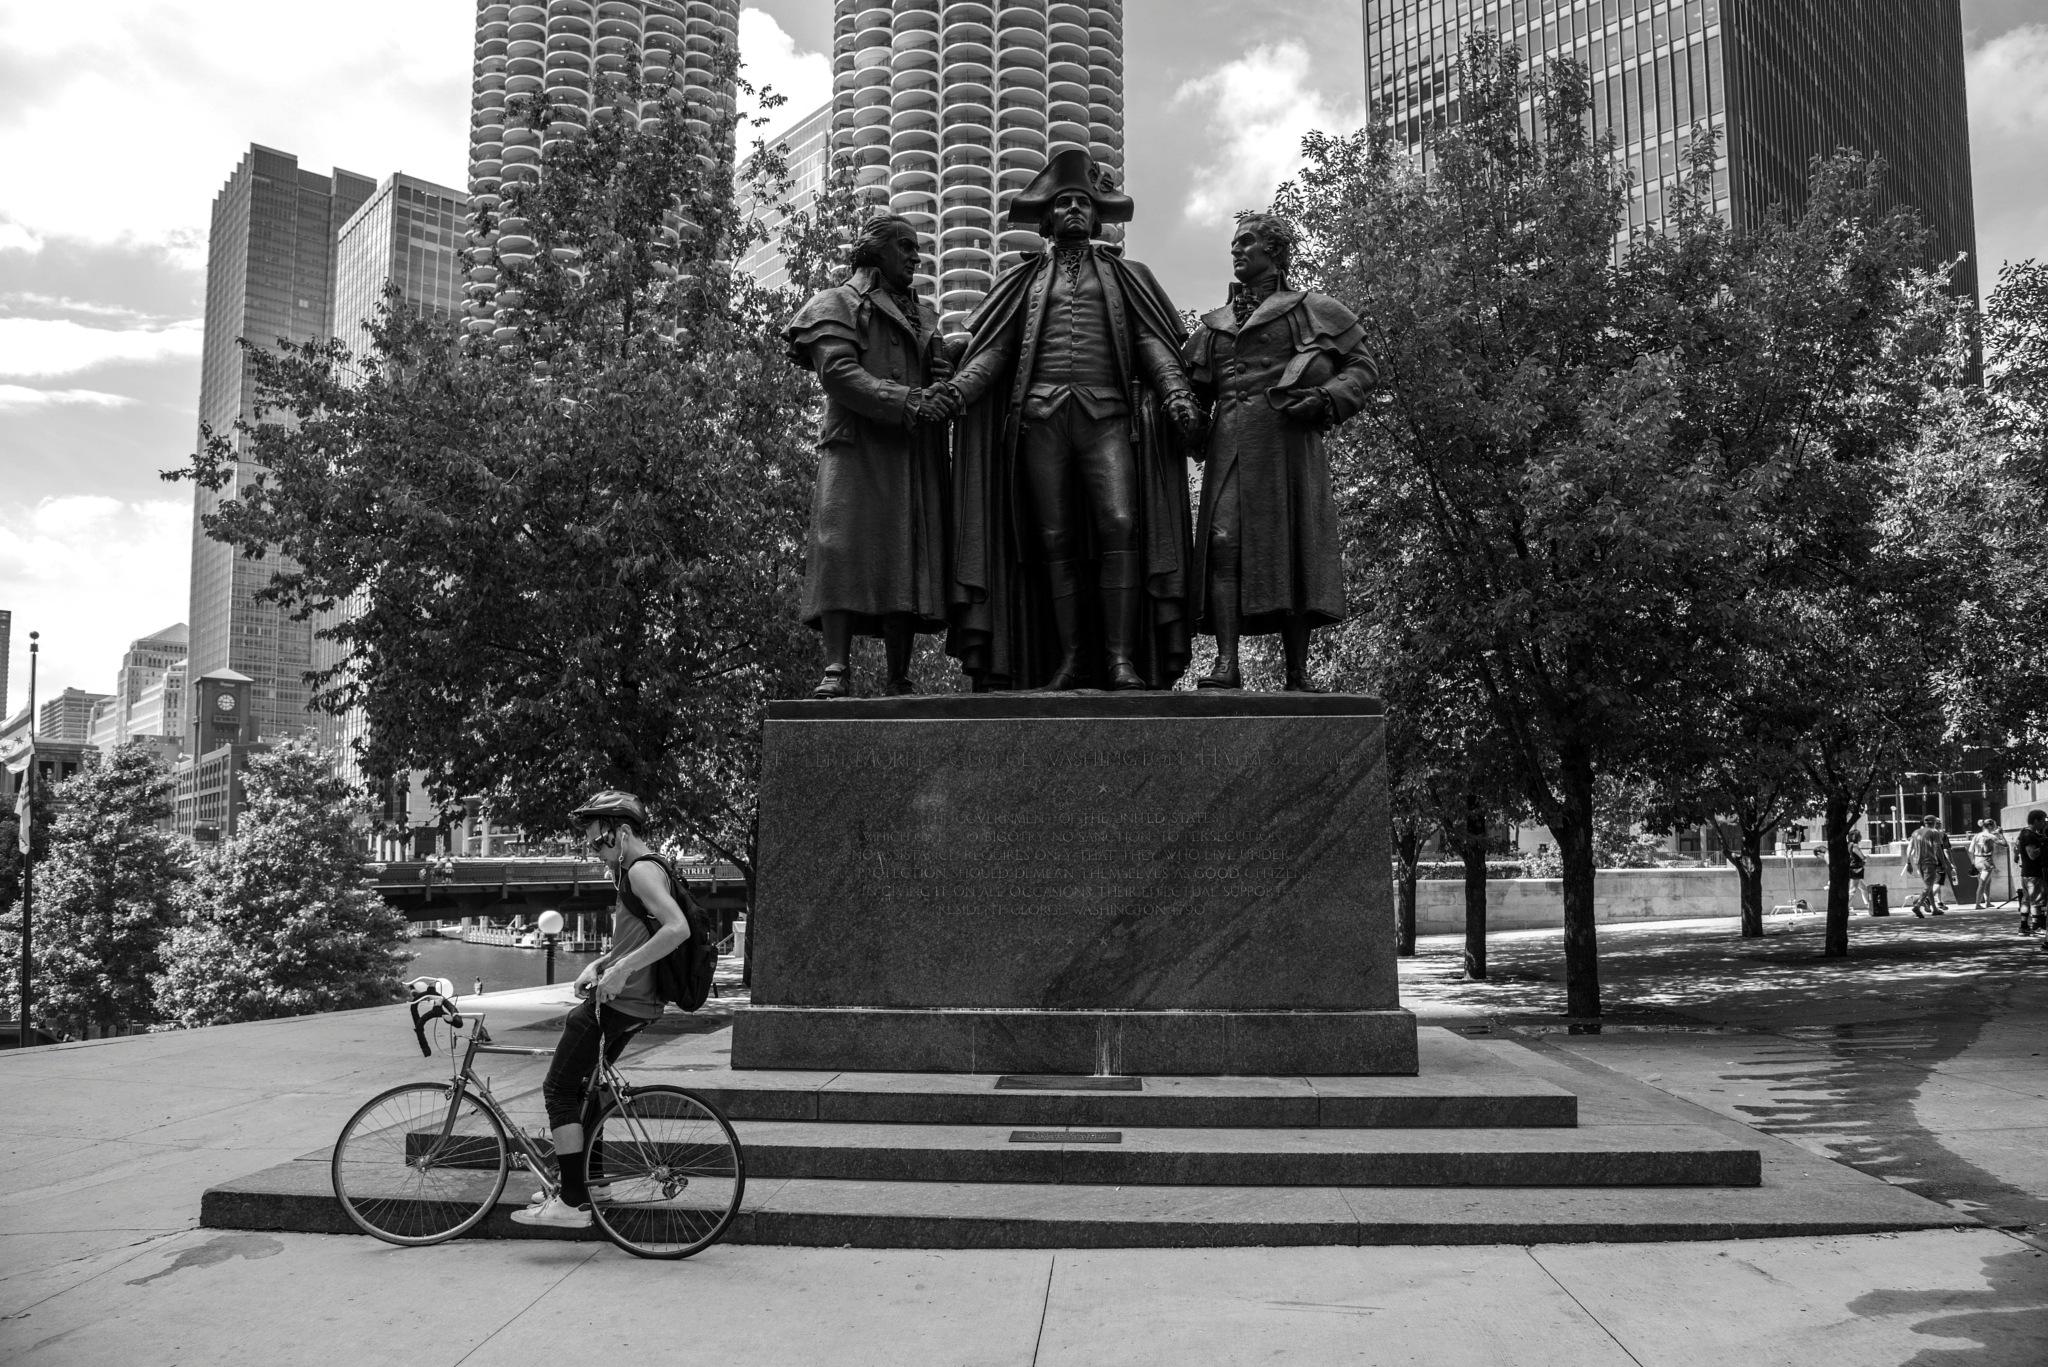 George Washington by alextrusty